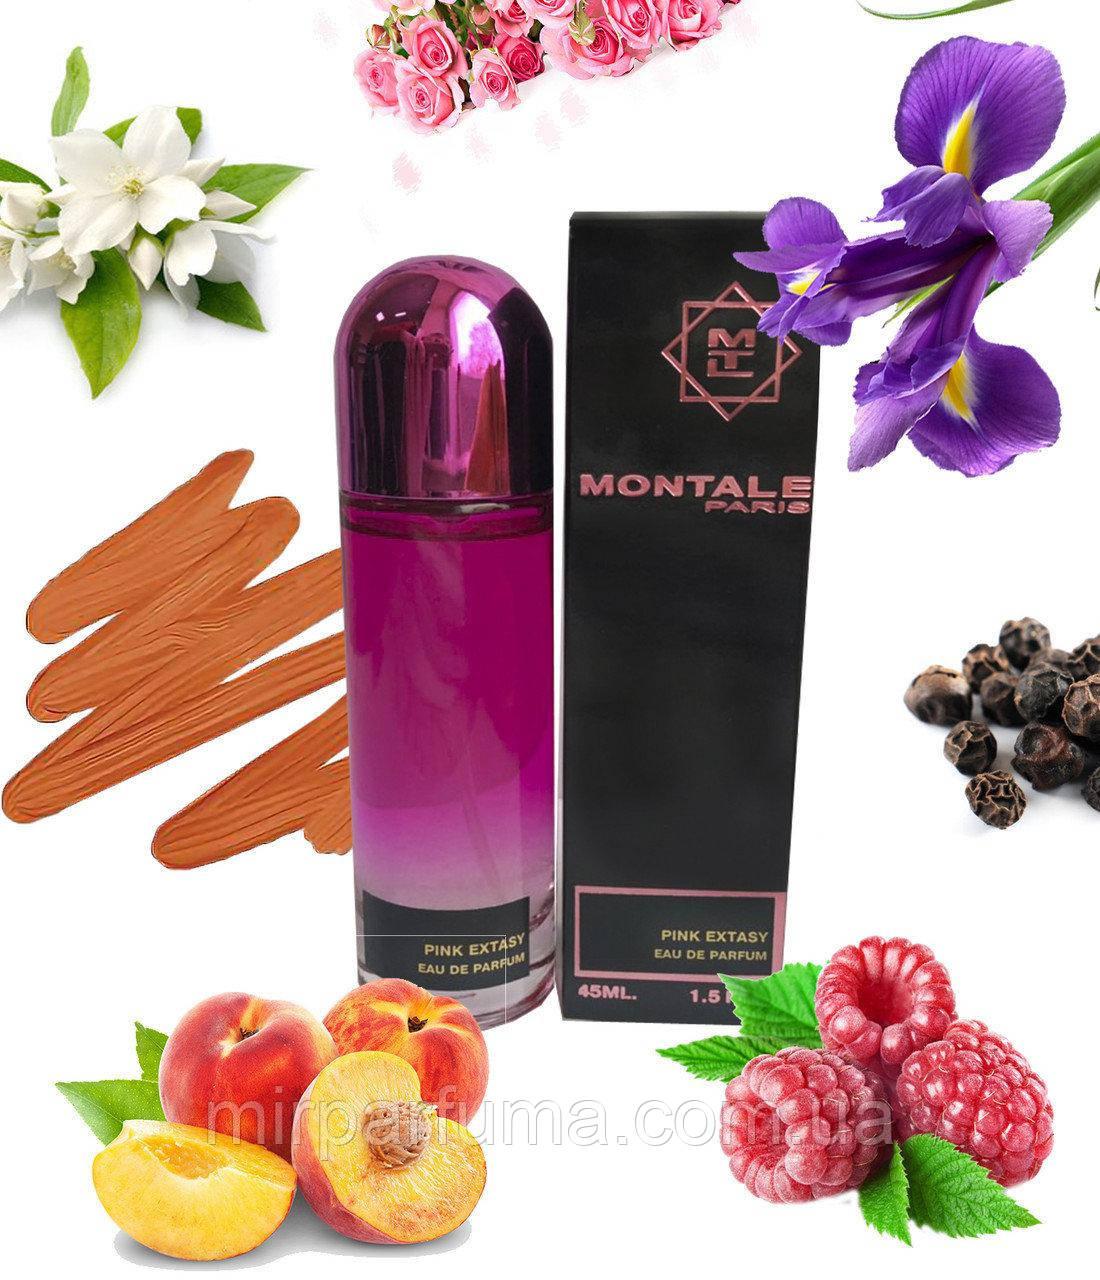 Женская парфюмерная вода Монталь Montale Pink Extasy edp 45ml